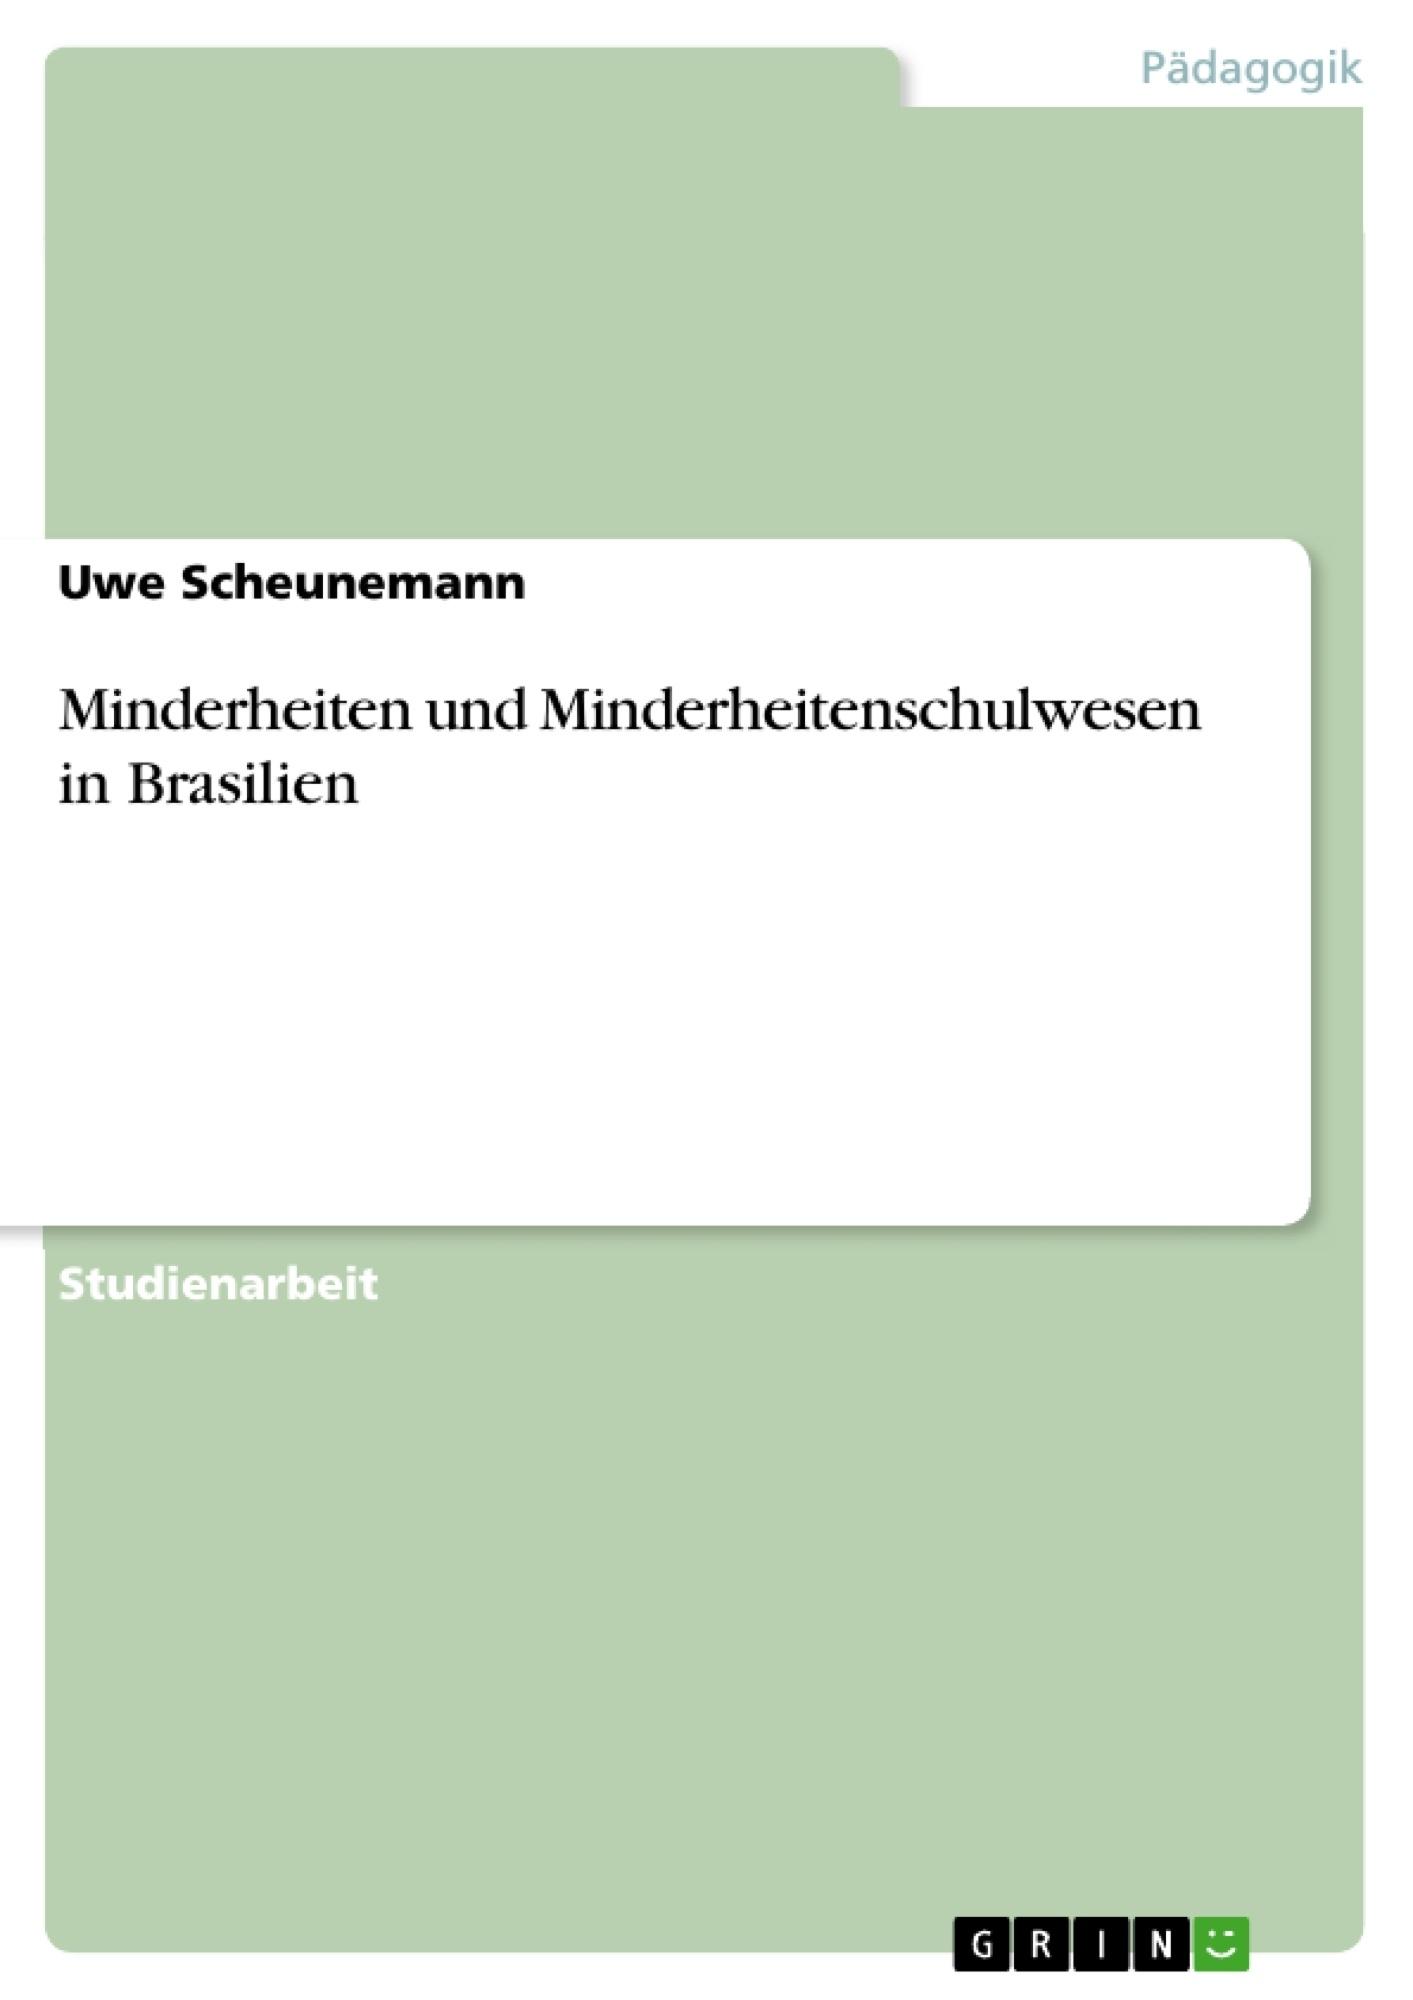 Titel: Minderheiten und Minderheitenschulwesen in Brasilien